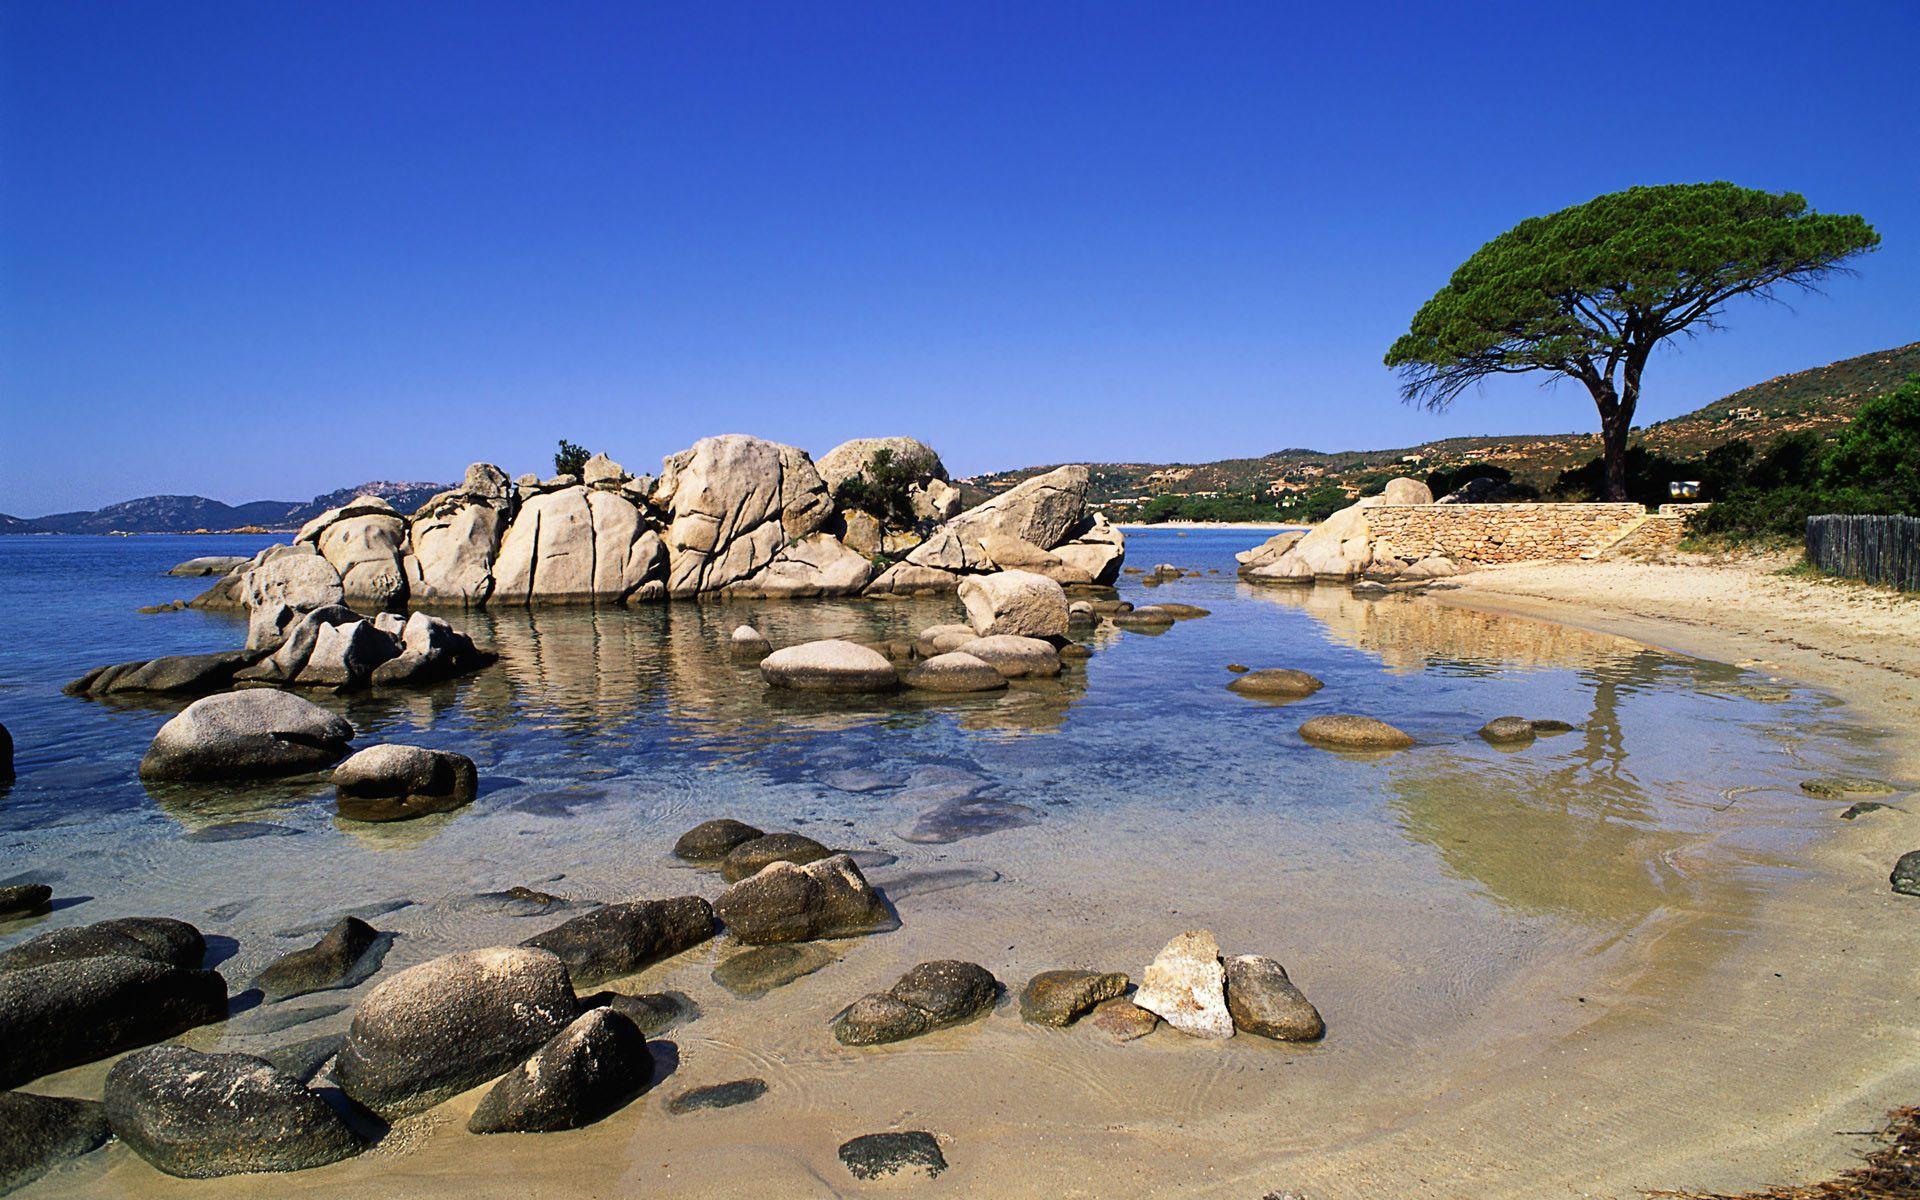 1920x1200 Desktop Hd 3d Nature Images Download Palombaggia Beach Porto Vecchio Best Beaches To Visit Beautiful Nature Wallpaper 3d nature wallpaper hd 1080p free